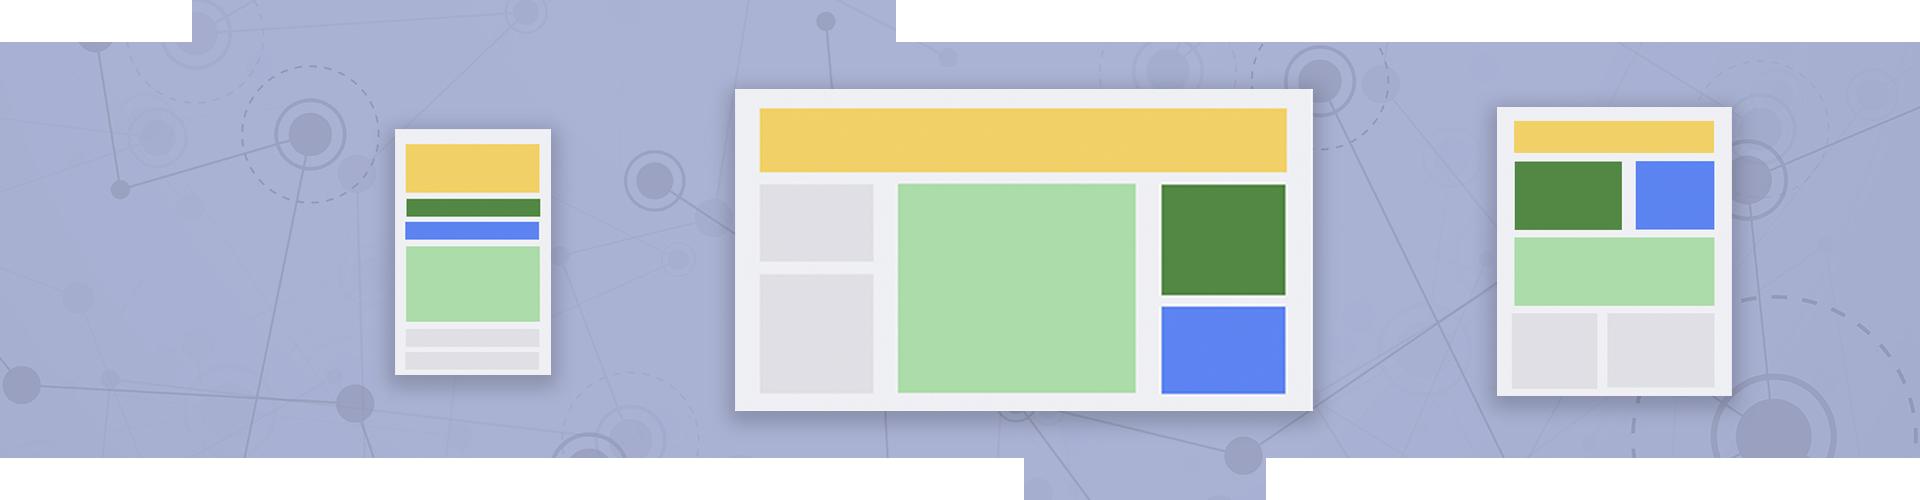 SputnIC trae un nuevo módulo que te permitirá una mayor personalización de tu plataforma Moodle